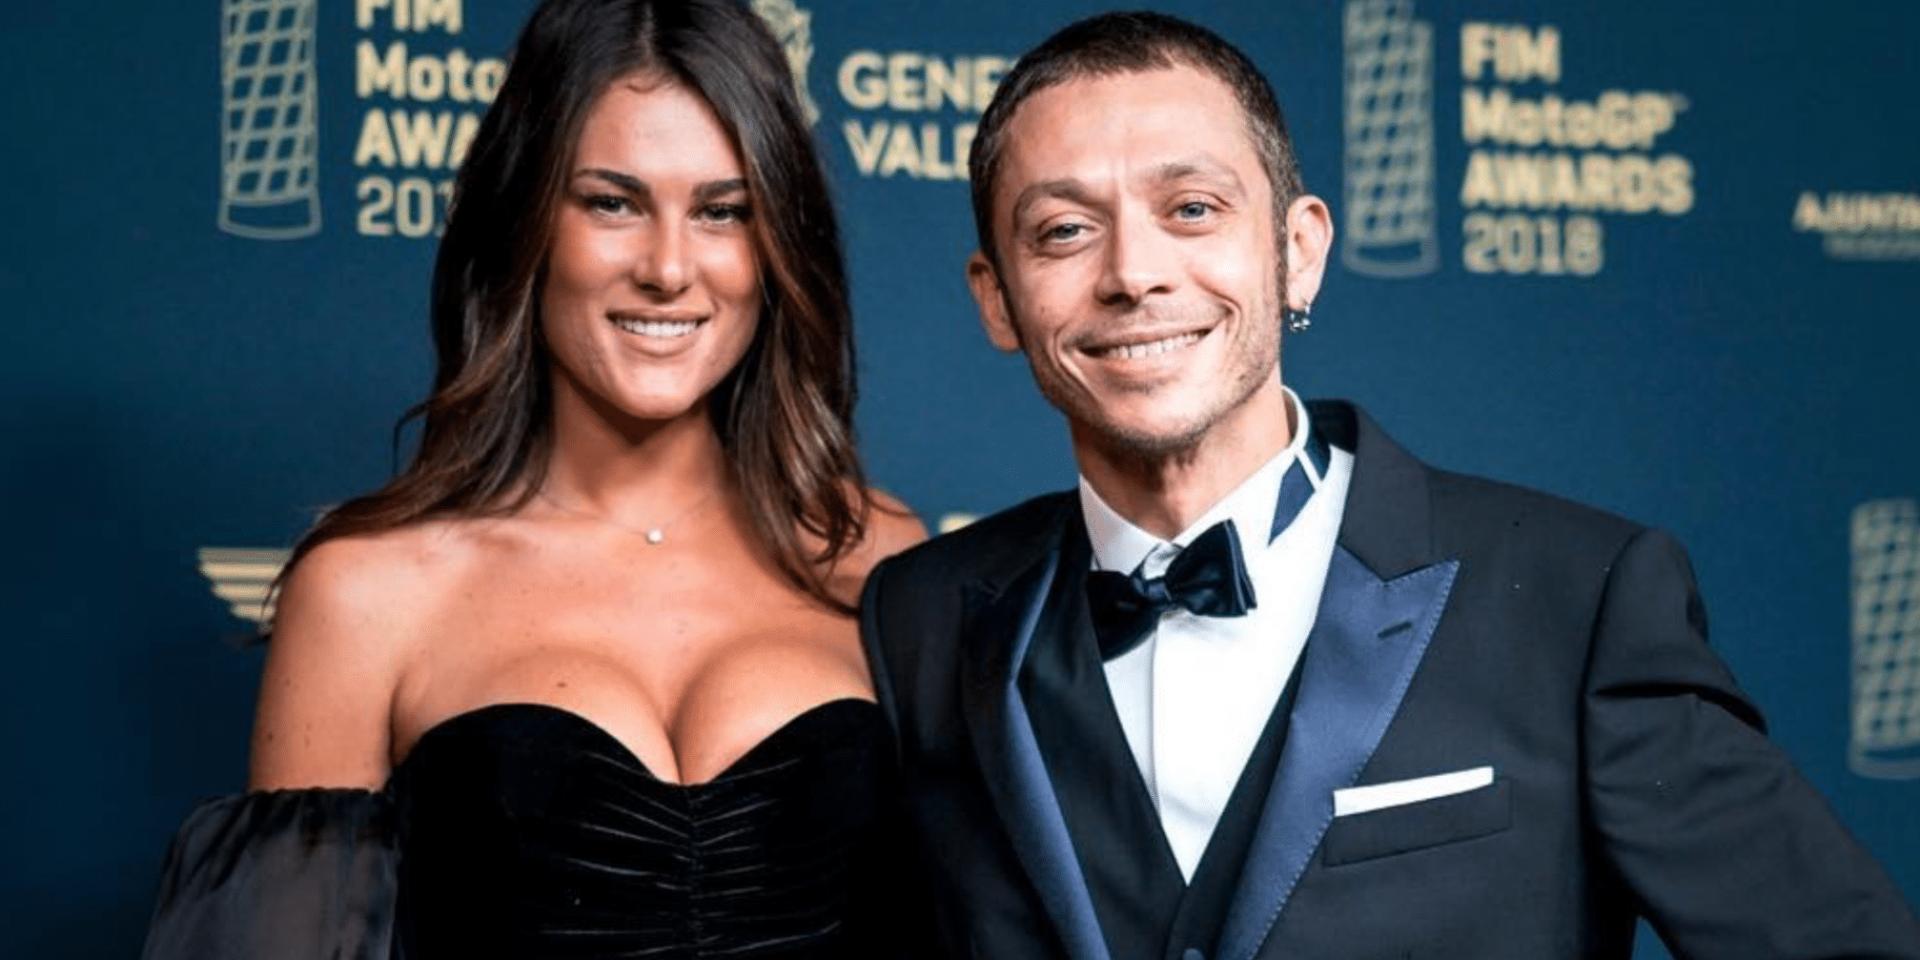 情人節只是平凡的大年初三。Francesca Novello:我夢想與Valentino Rossi生小孩,但結不結婚都無所謂。